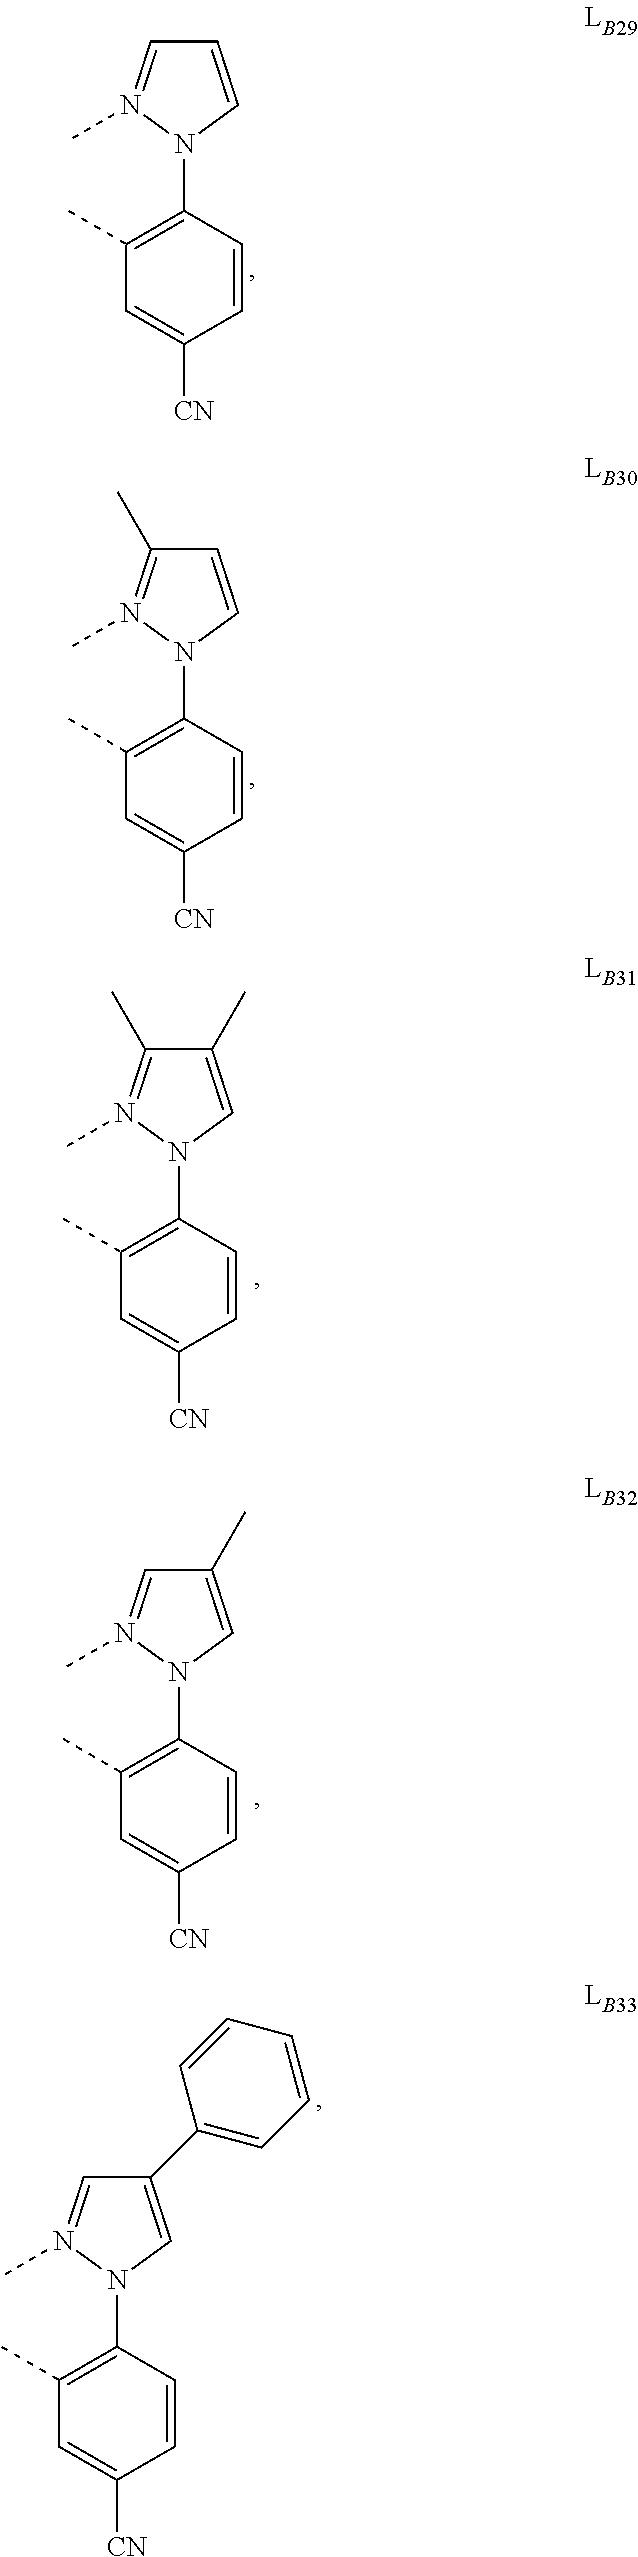 Figure US09905785-20180227-C00504